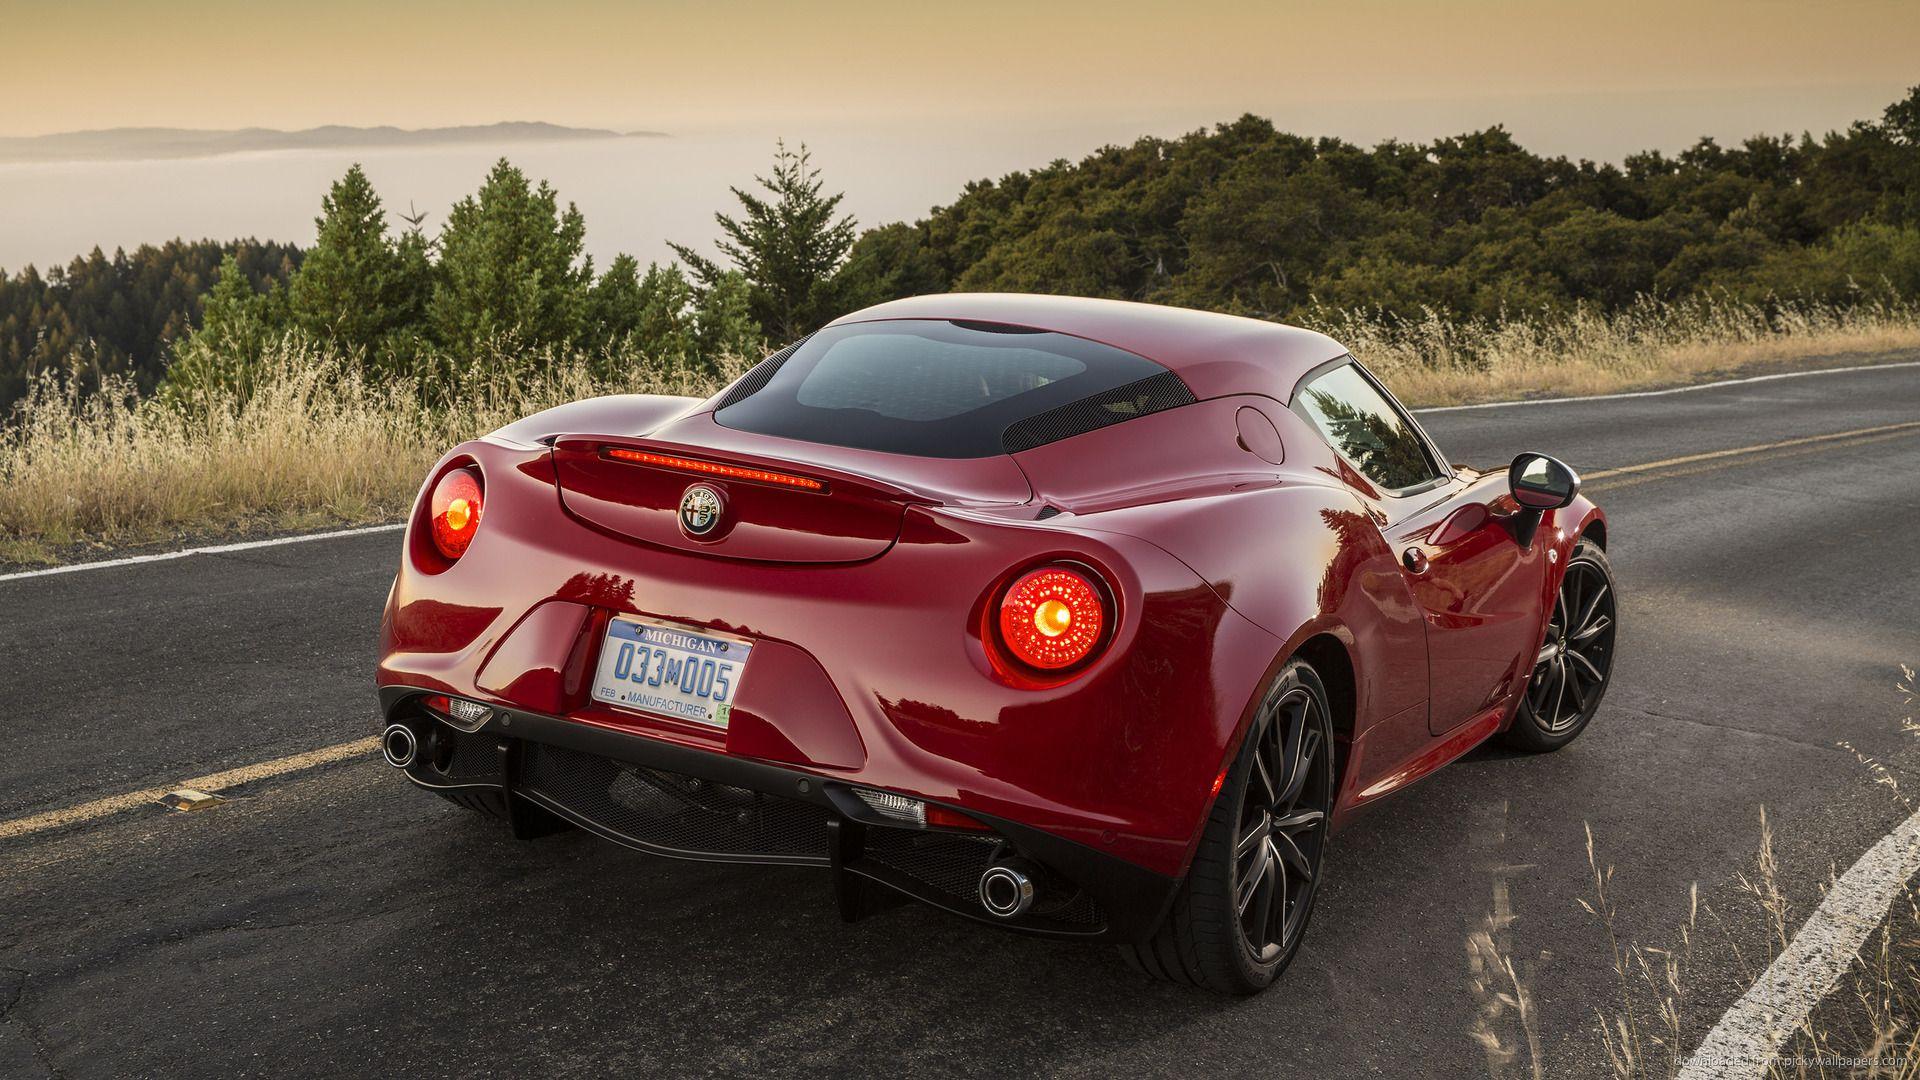 Red Alfa Romeo 4c Us Spec Back Lights On Picture Alfa Romeo 4c